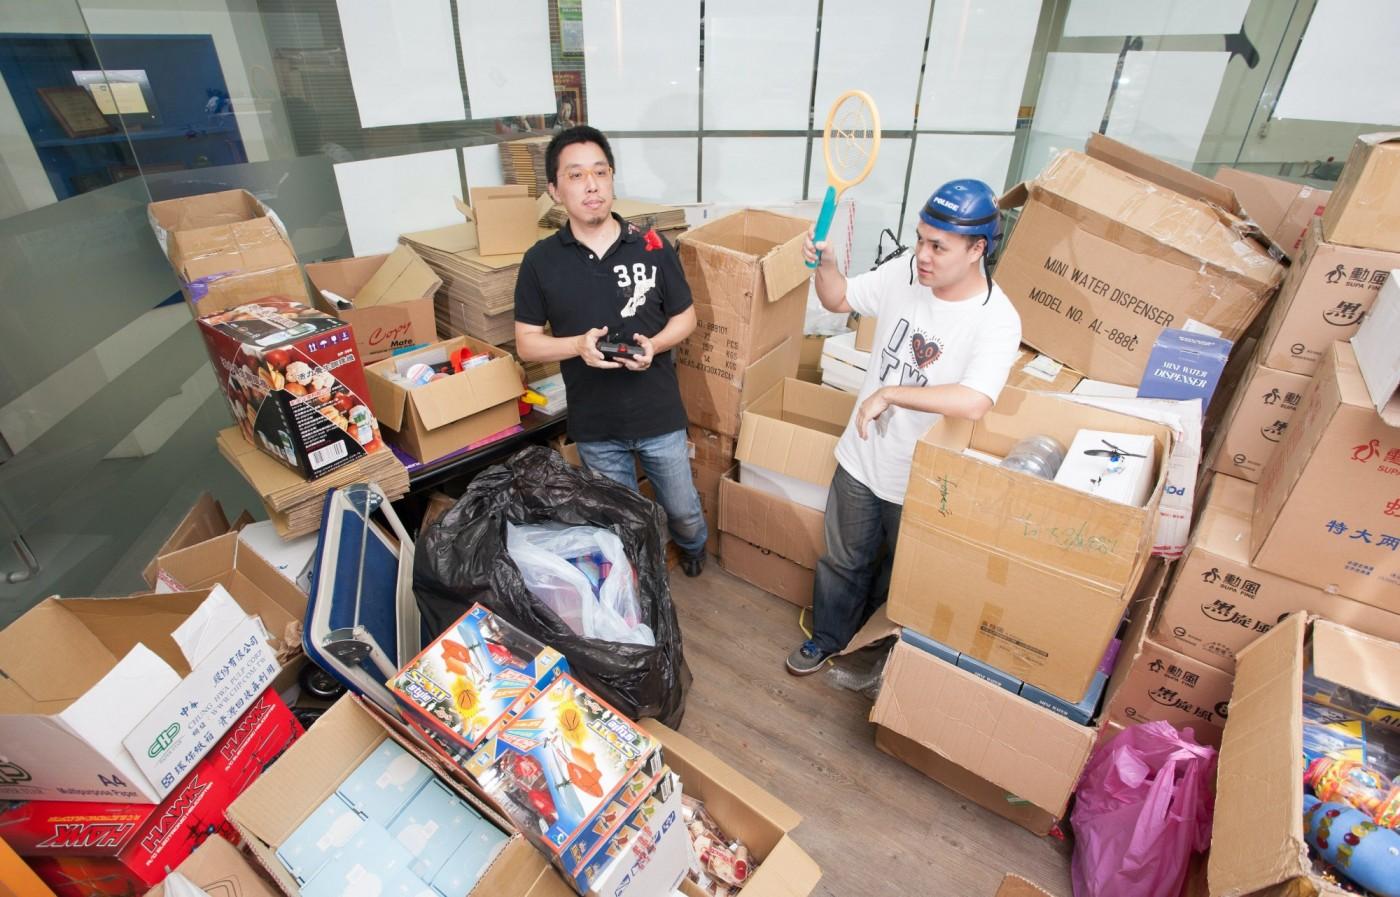 靠賣垃圾爆紅?雜碎袋始祖「瘋狂賣客」的傳奇故事,元老級員工揭秘